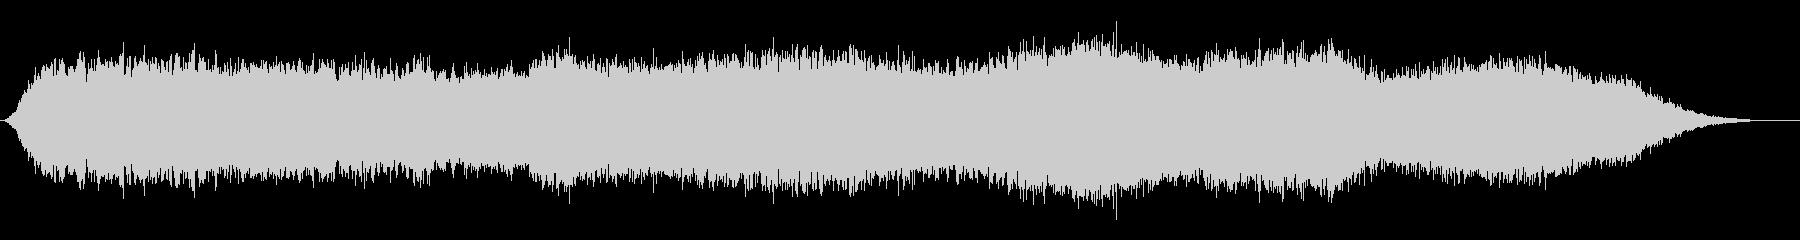 神秘的な雰囲気のアンビエント(背景音7)の未再生の波形